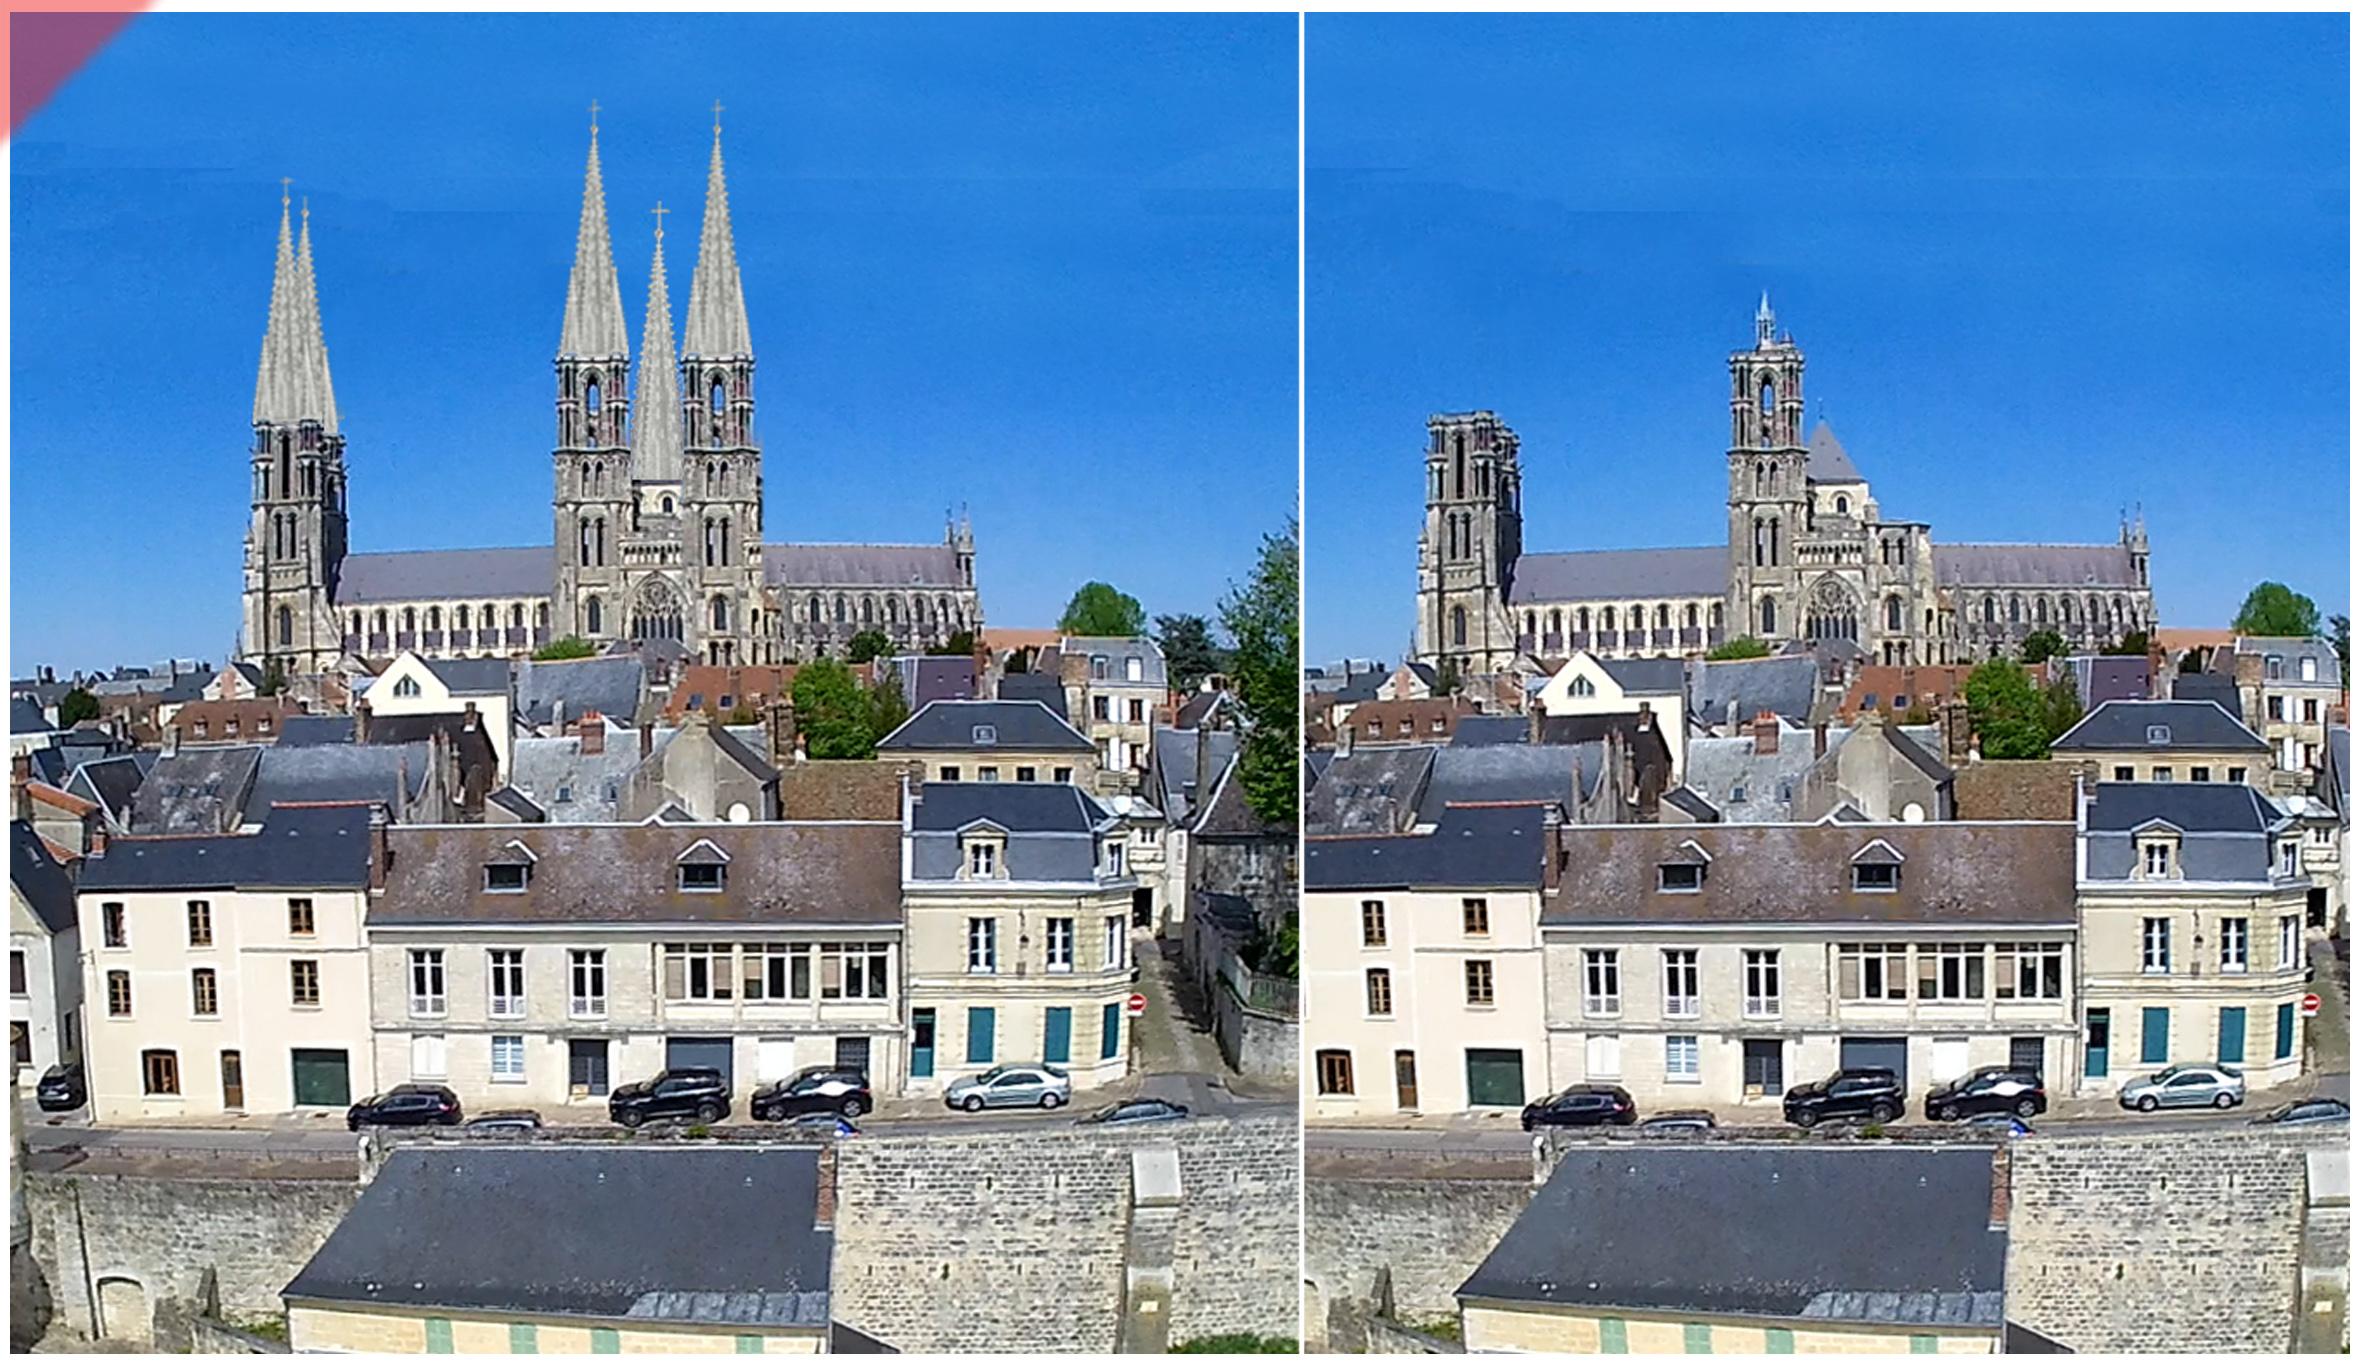 Laon-Cathédrale-vol-drone-2-deux-tours-façade-ouest-tours avant-toits-plane-alors-et-maintenant-Laon-cathedrale-drone-flight-2-two-towers-façade-kathedrale-west-pitched-roof-then-and-now